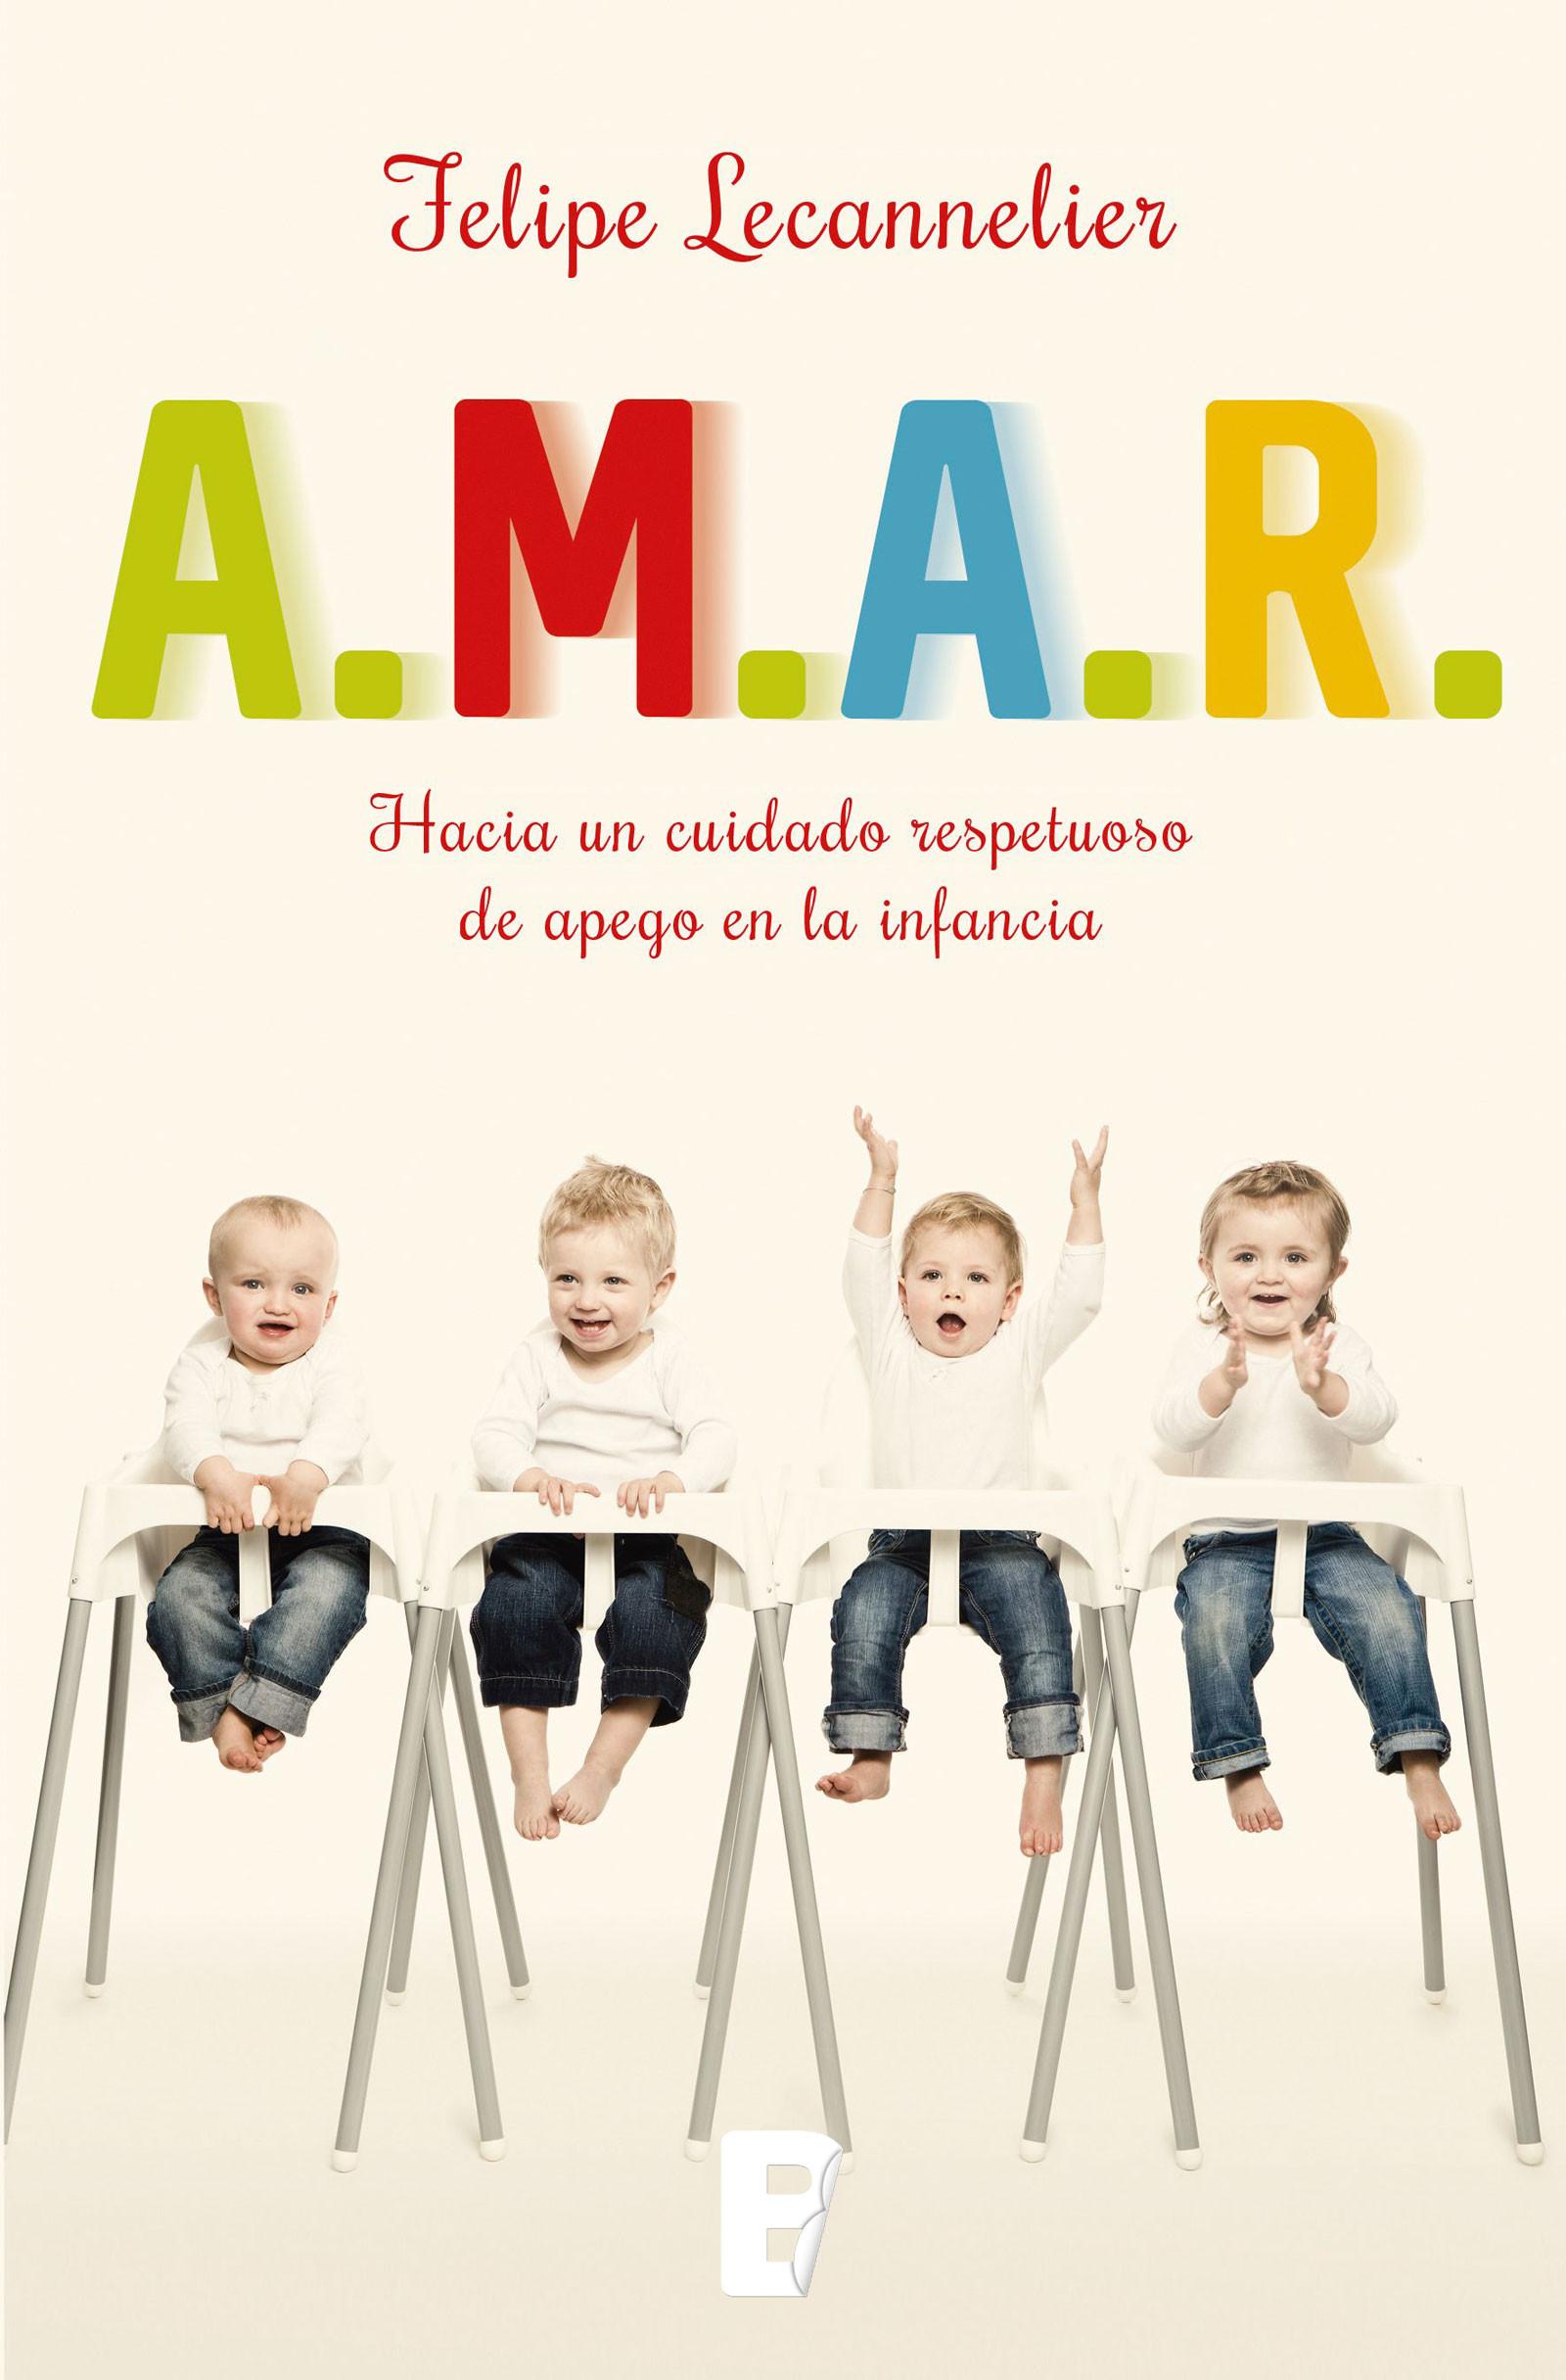 A.M.A.R